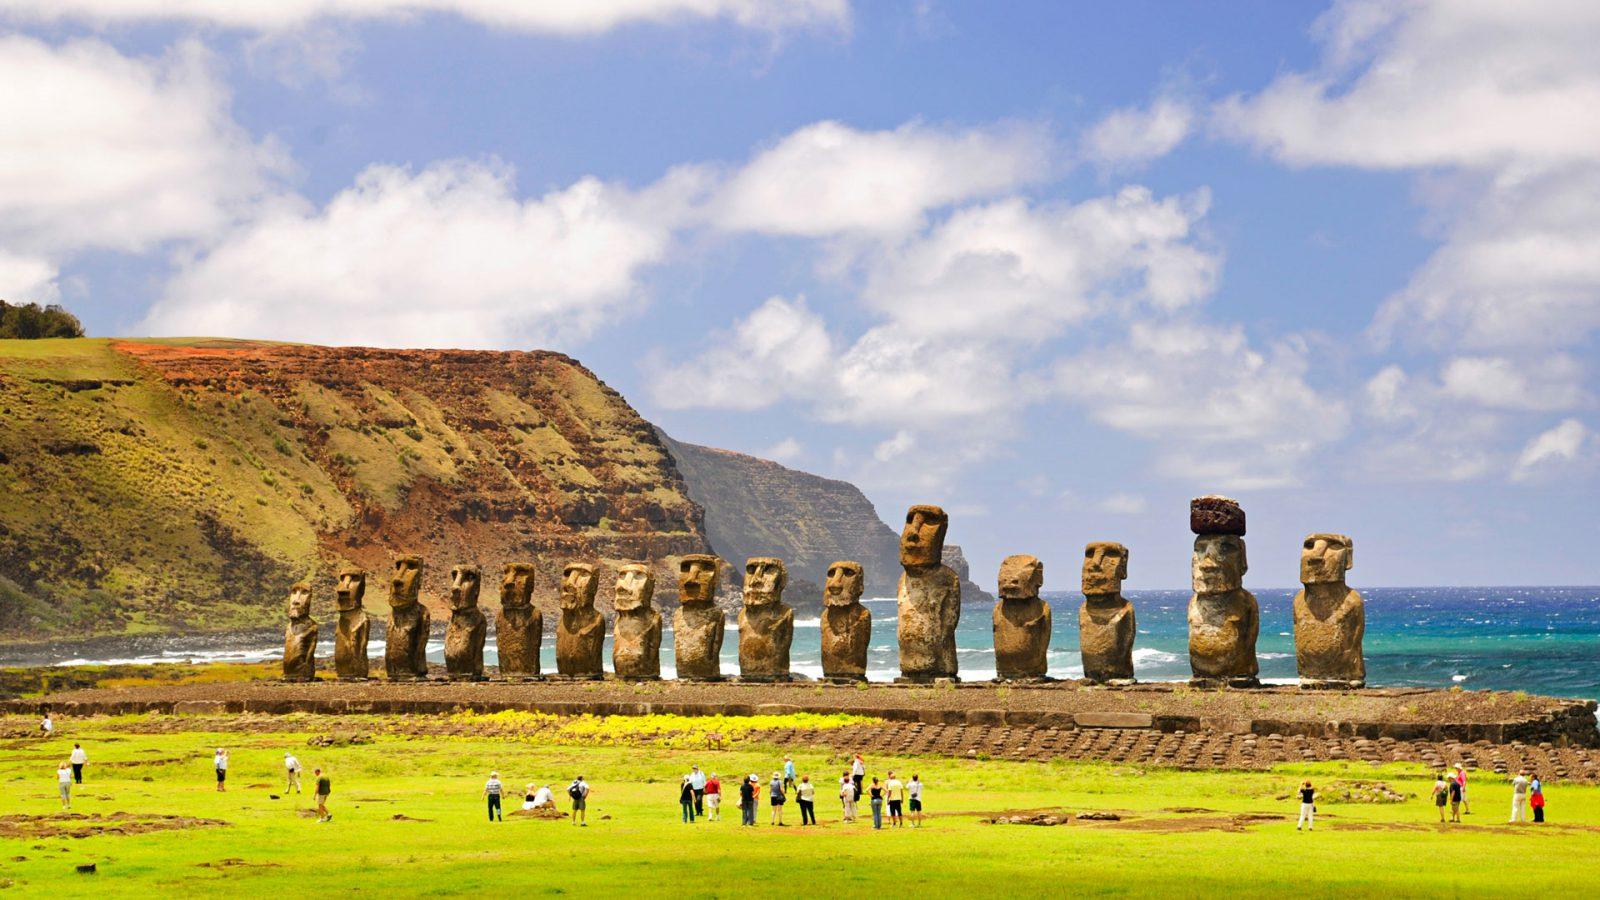 Выгодный тариф для поездки в Чили, который поможет сэкономить на сотовой связи